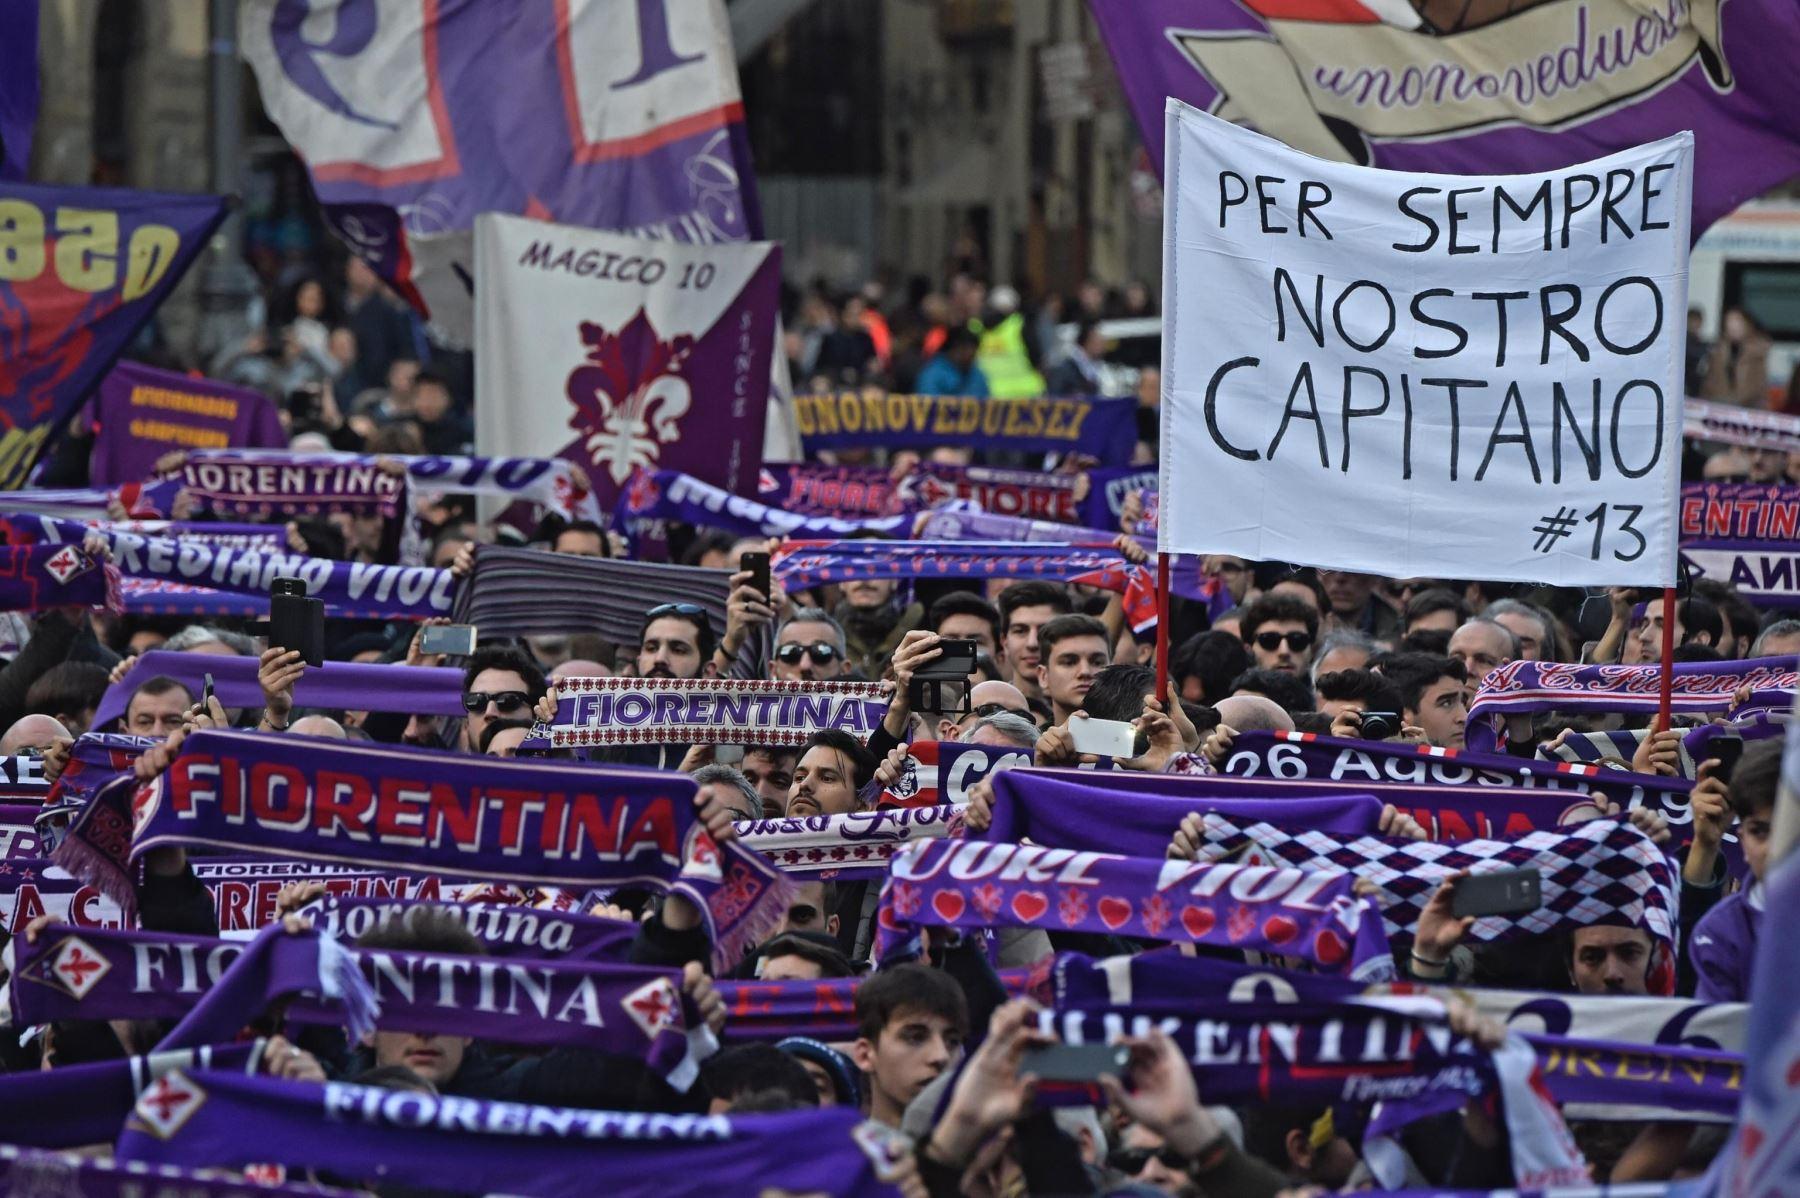 Aficionados despiden al capitán del Fiorentina, Davide Astori. Foto: EFE